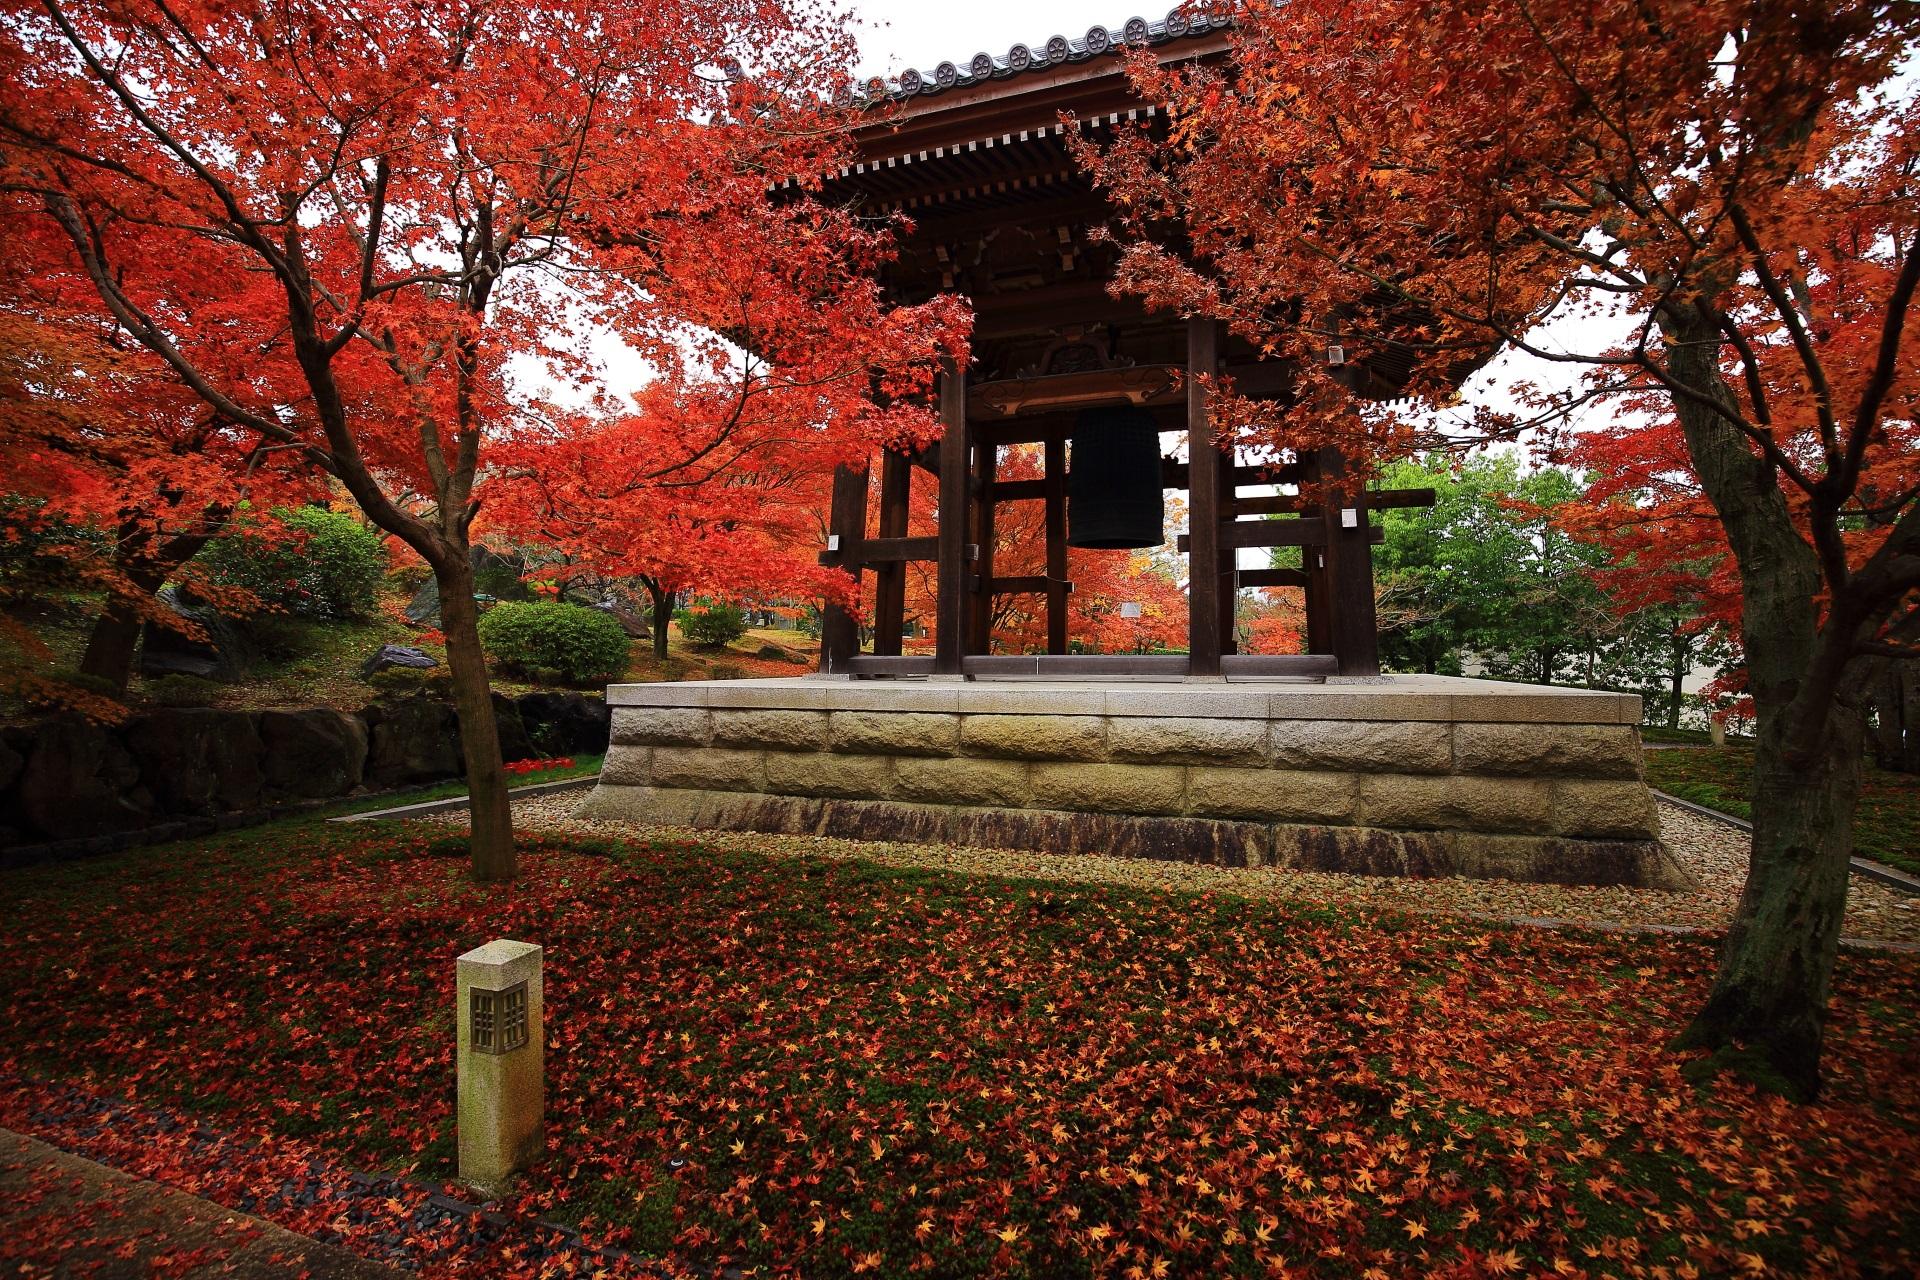 智積院の晩秋の紅葉と激しい「散り」